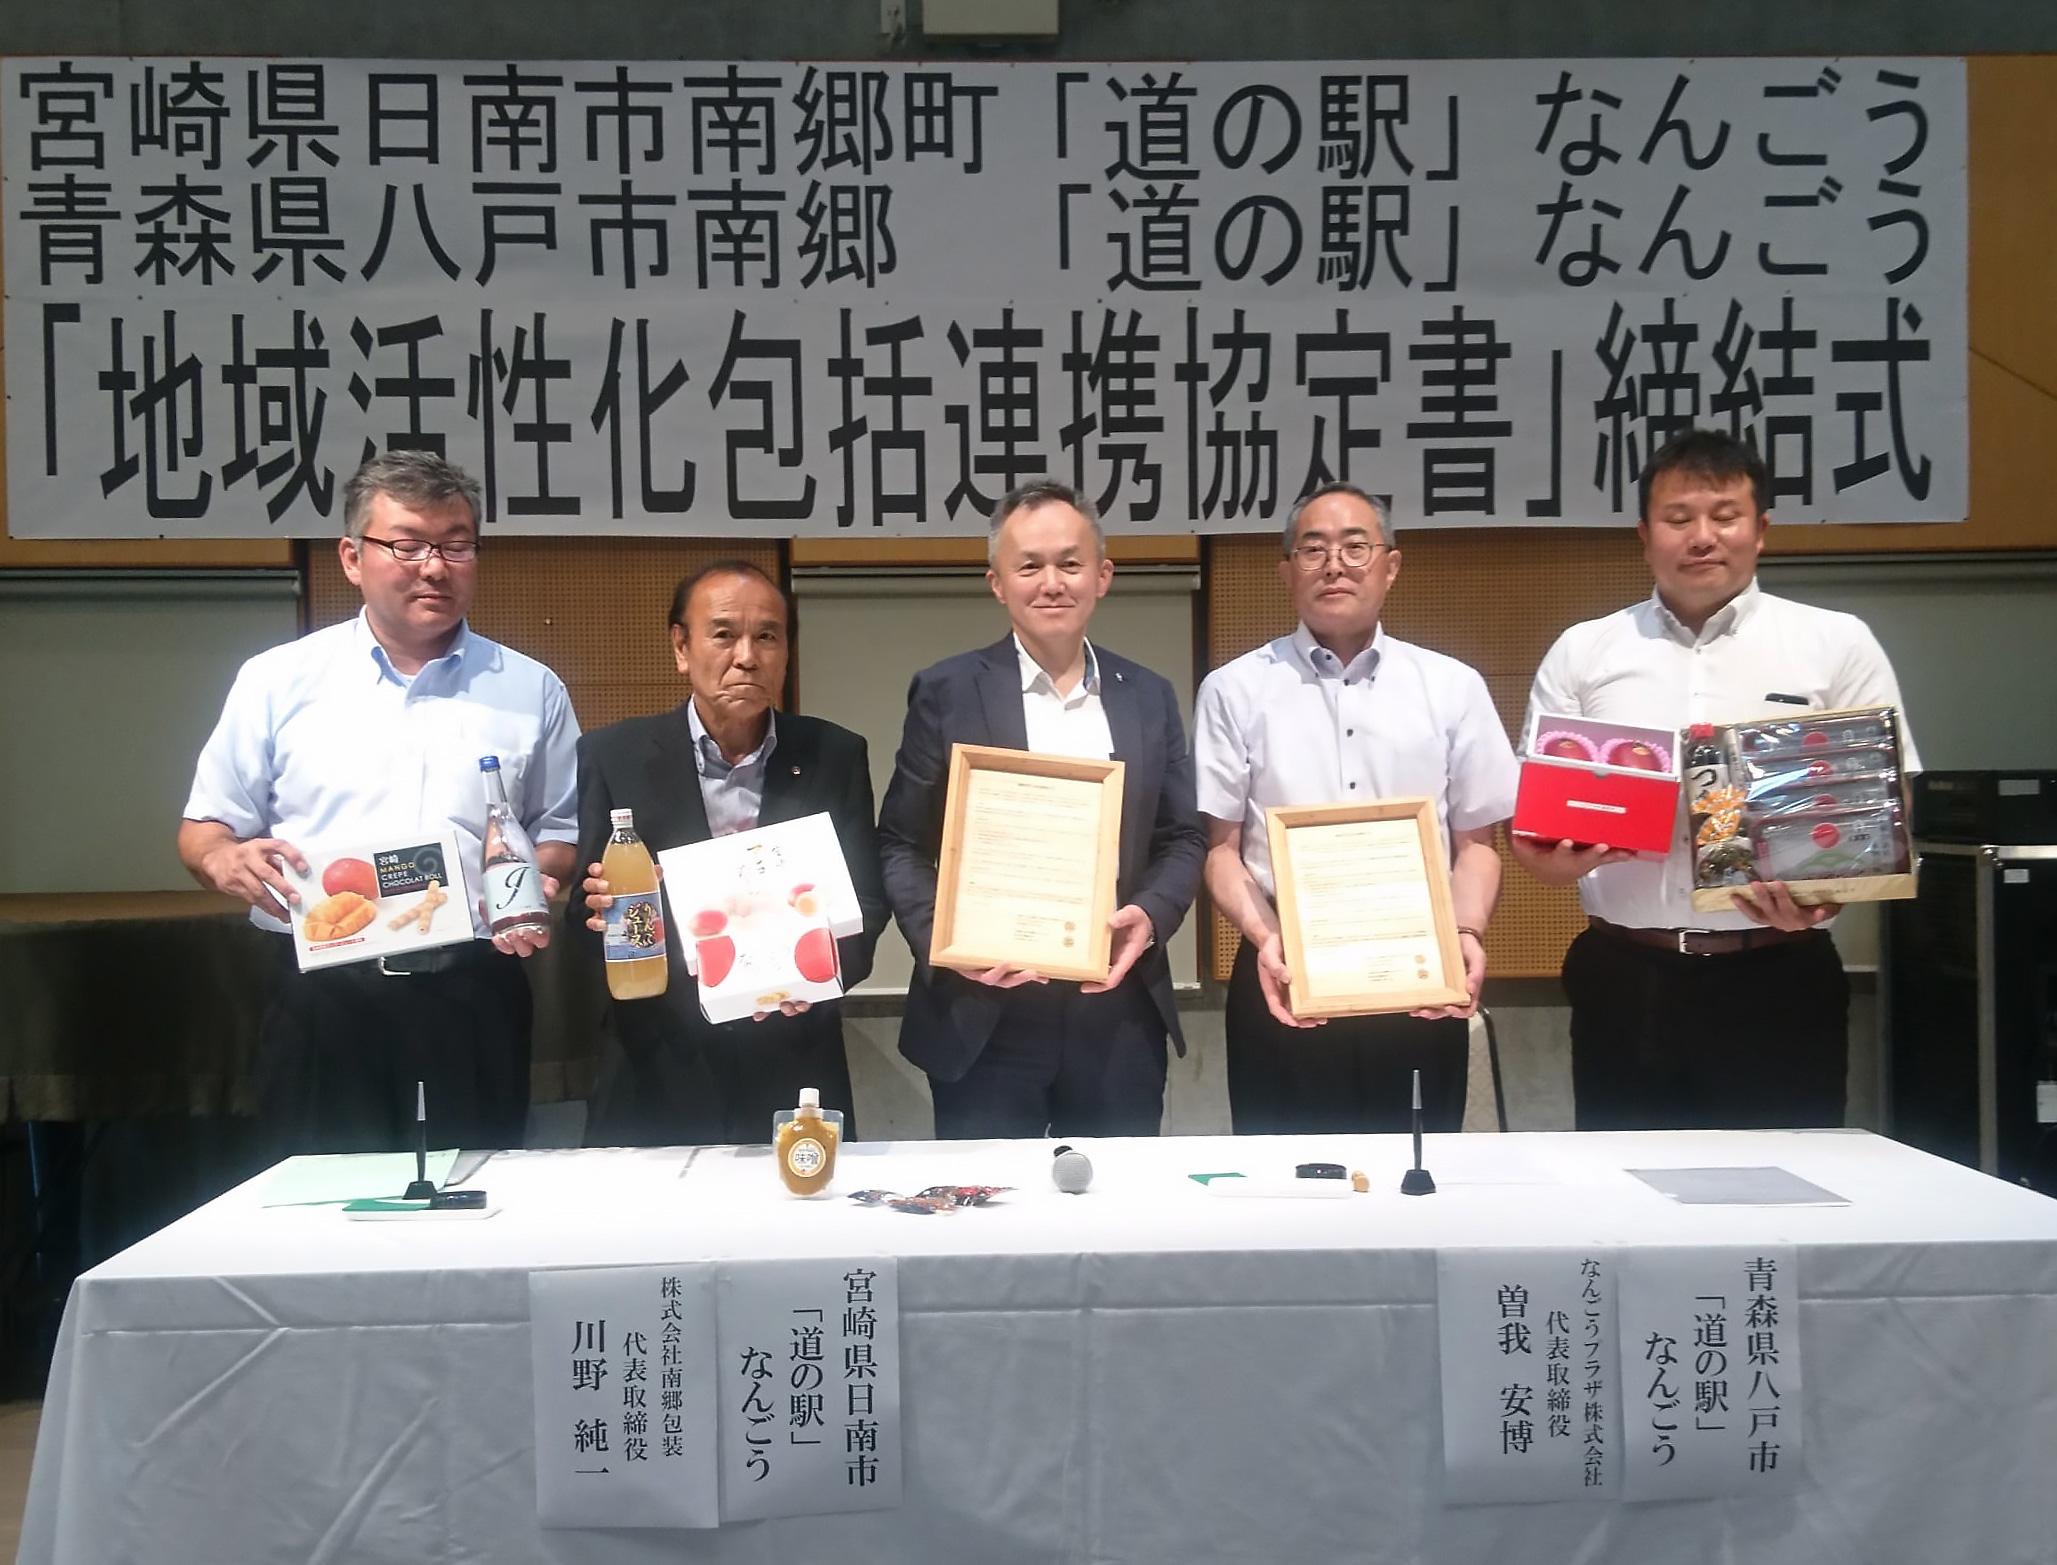 青森県「道の駅」なんごう様と【地域活性化包括連携協定】調印について